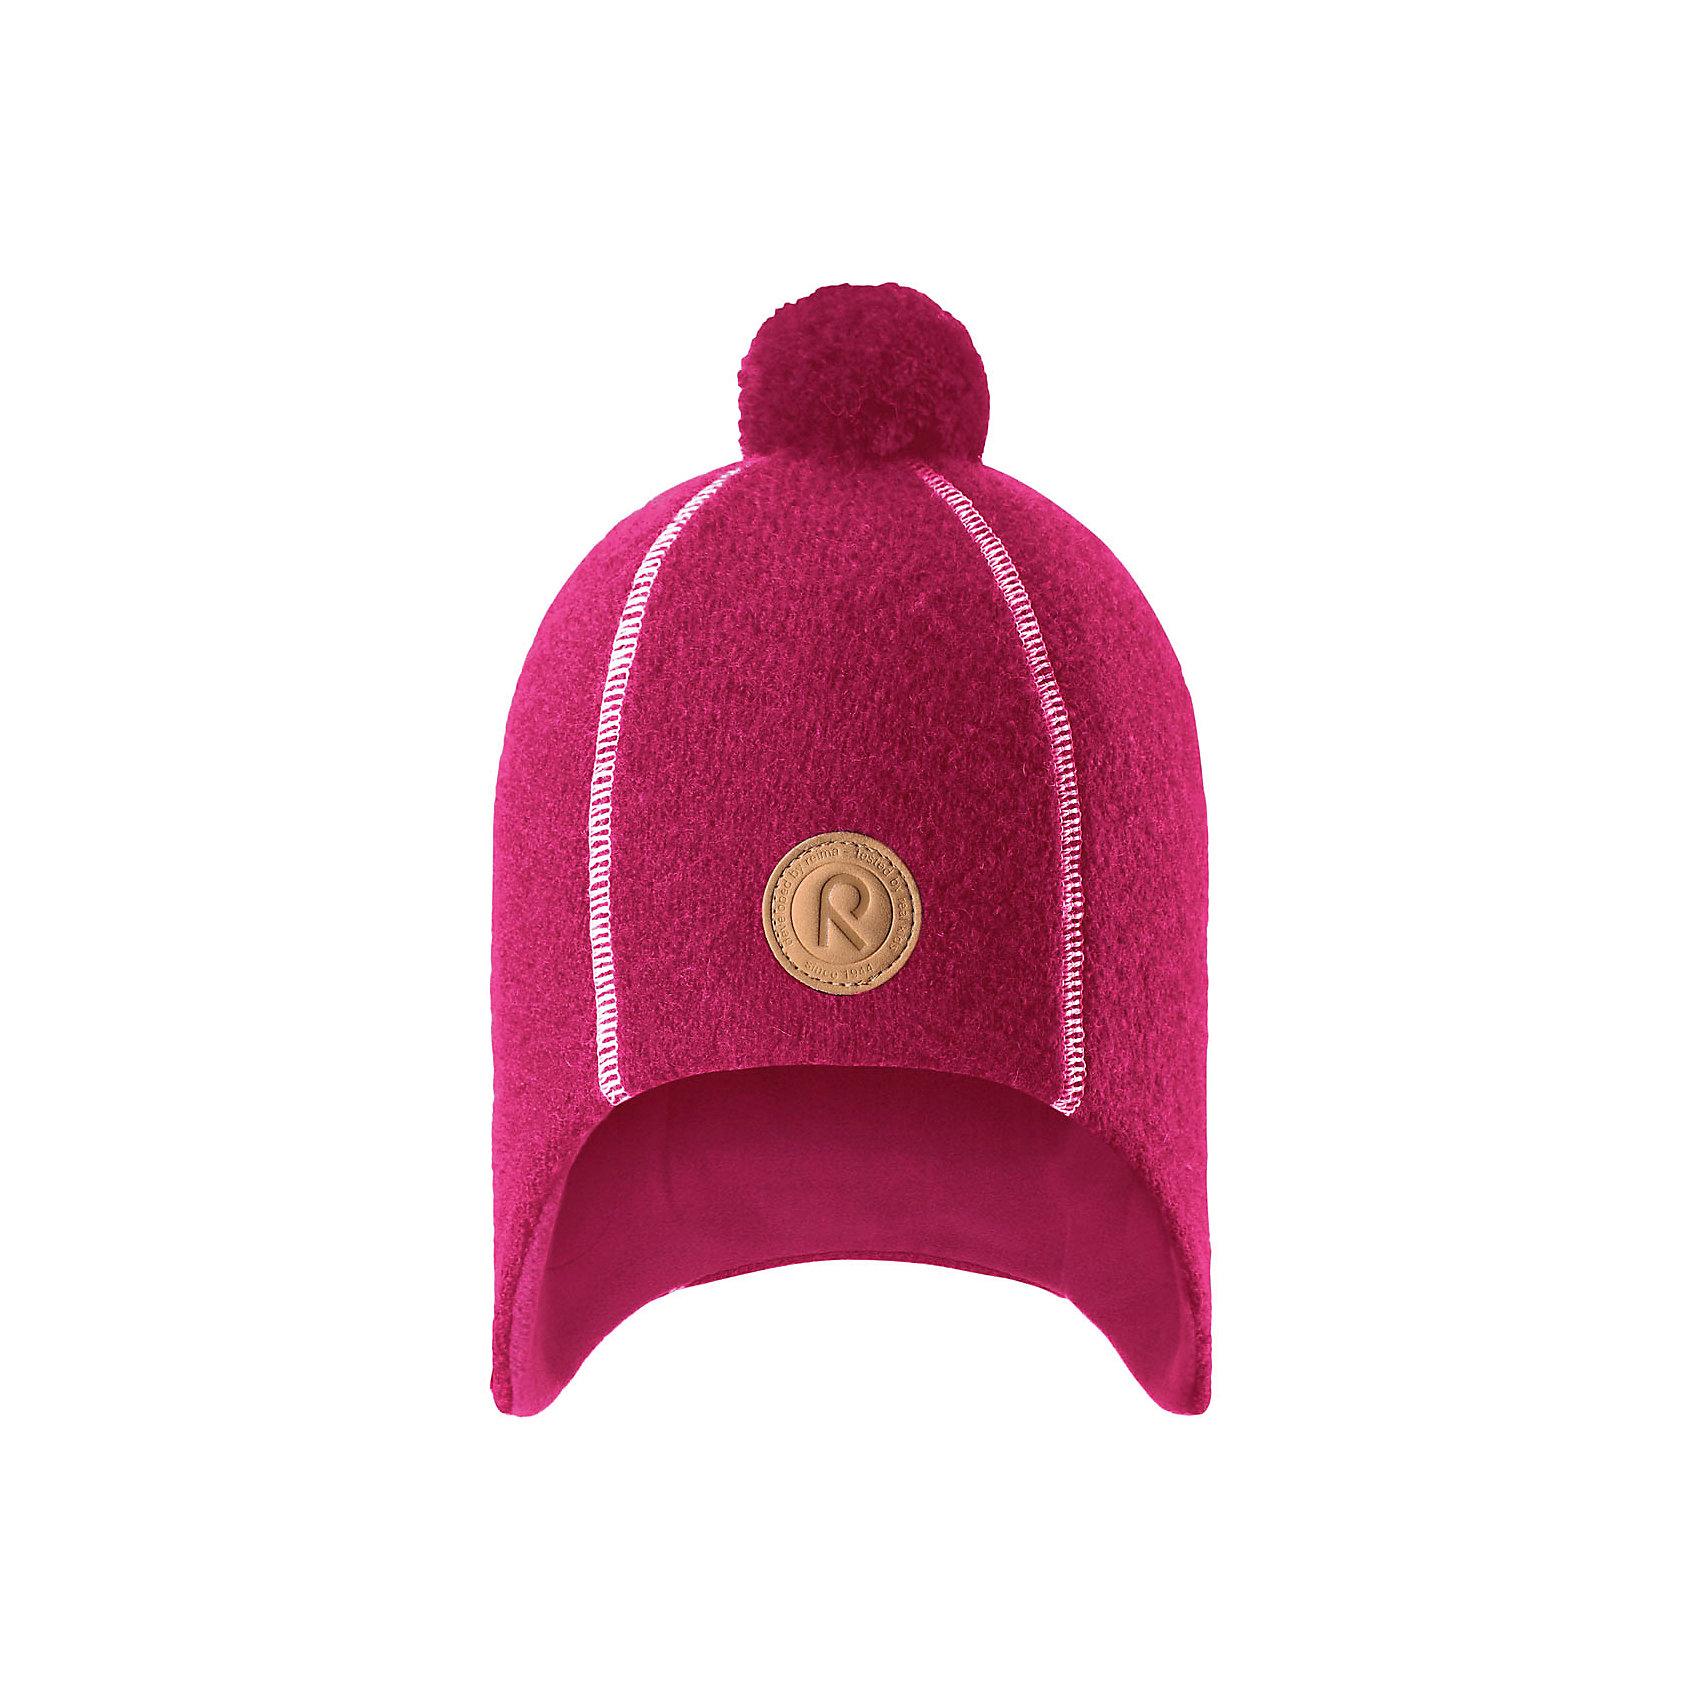 Шапка Reima ReipasГоловные уборы<br>Характеристики товара:<br><br>• цвет: розовый;<br>• состав: 100% шерсть;<br>• подкладка: 100% полиэстер, флис;<br>• без дополнительного утепления;<br>• сезон: зима;<br>• температурный режим: от 0 до -20С;<br>• шерсть идеально поддерживает температуру;<br>• ветронепроницаемые вставки в области ушей;<br>• сплошная подкладка: мягкий теплый флис;<br>• теплая шерстяная вязка (волокно);<br>• шапка с помпоном;<br>• логотип Reima® спереди;<br>• страна бренда: Финляндия;<br>• страна изготовитель: Китай.<br><br>Детская невероятно теплая шерстяная шапка отлично согреет на прогулке в морозный зимний день! Шапка, подшитая мягким и теплым флисом из полиэстера, обеспечит ребенку тепло и сухость во время активных игр на свежем воздухе, а интересная фетровая структура и веселый помпон на макушке придают этой забавной модели завершающий штрих. Эта модель хорошо закрывает и защищает лоб и ушки, а ветронепроницаемые вставки в области ушей обеспечивают дополнительную защиту от пронизывающего ветра.<br><br>Шапку Reipas Reima от финского бренда Reima (Рейма) можно купить в нашем интернет-магазине.<br><br>Ширина мм: 89<br>Глубина мм: 117<br>Высота мм: 44<br>Вес г: 155<br>Цвет: розовый<br>Возраст от месяцев: 84<br>Возраст до месяцев: 144<br>Пол: Унисекс<br>Возраст: Детский<br>Размер: 56,50,52,54<br>SKU: 6902748